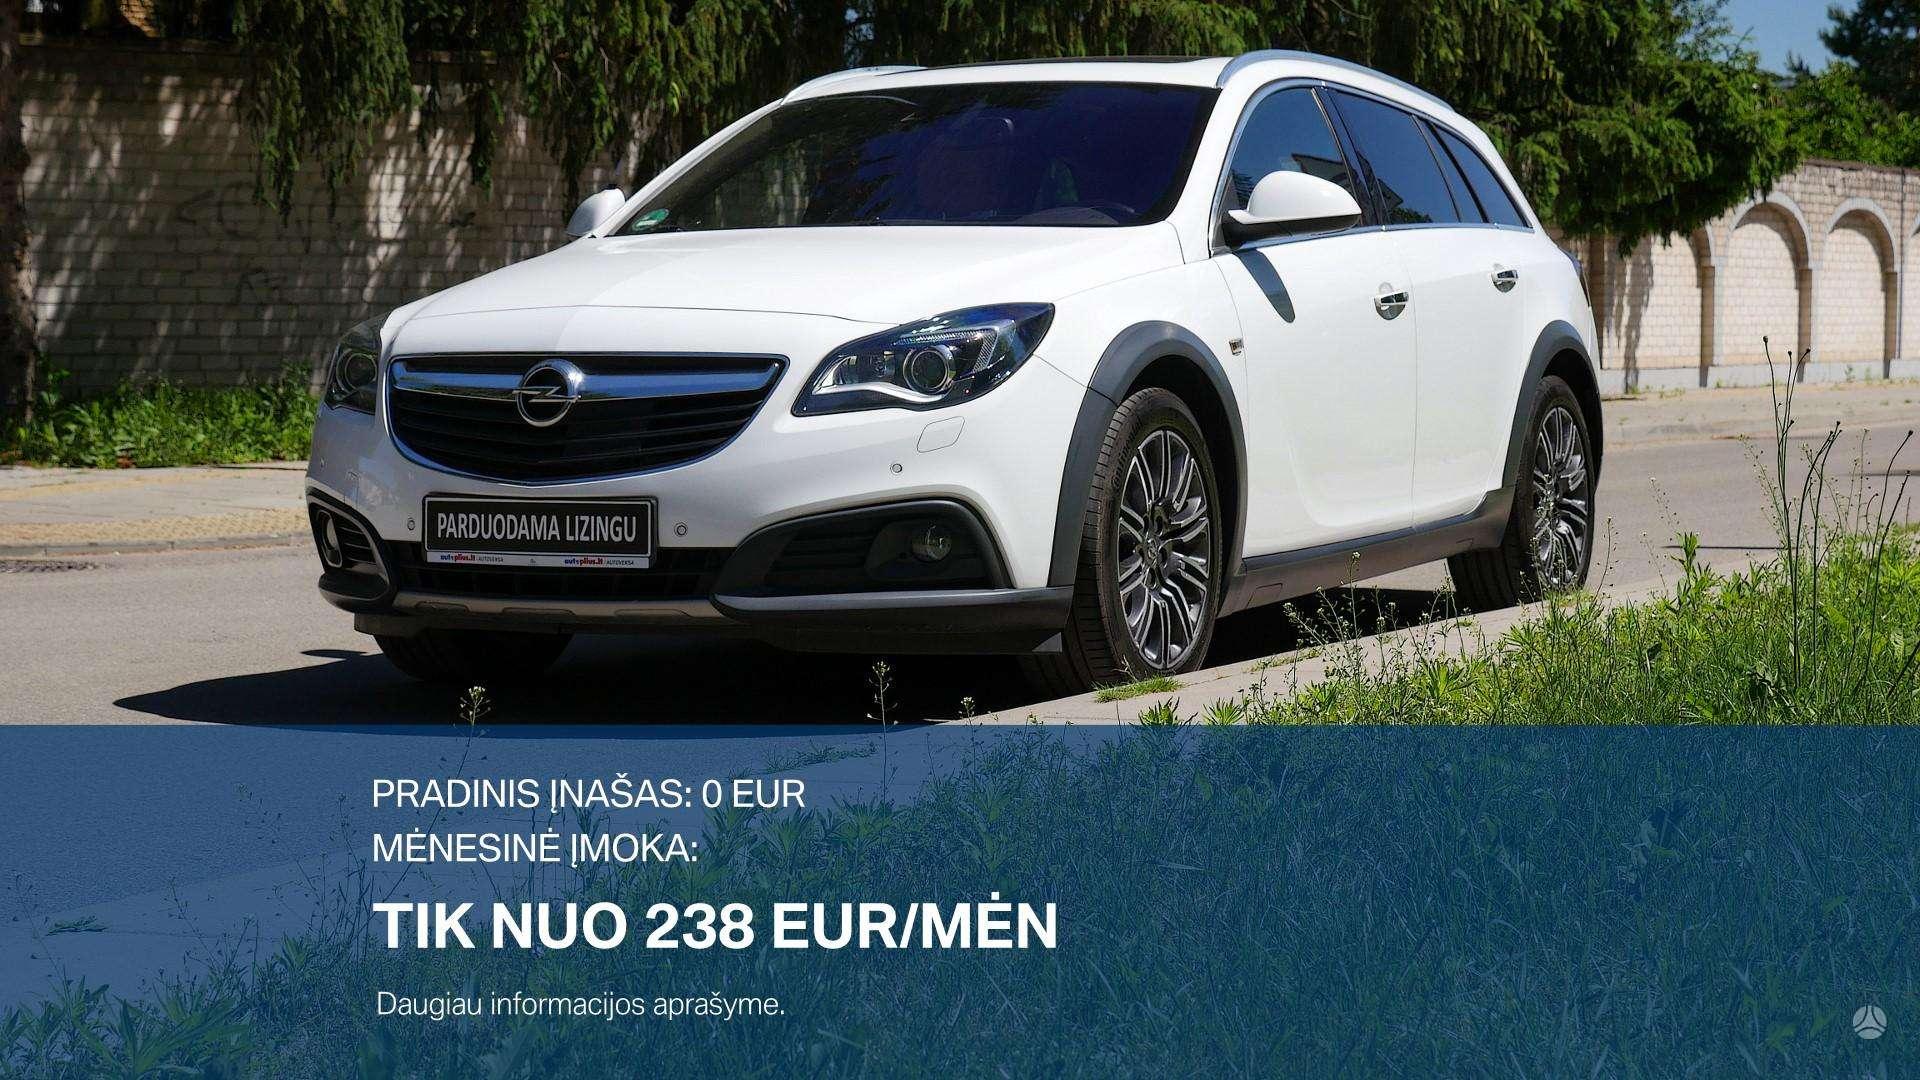 Opel Insignia išsimokėtinai nuo 238Eur/mėn su 3 mėnesių garantija